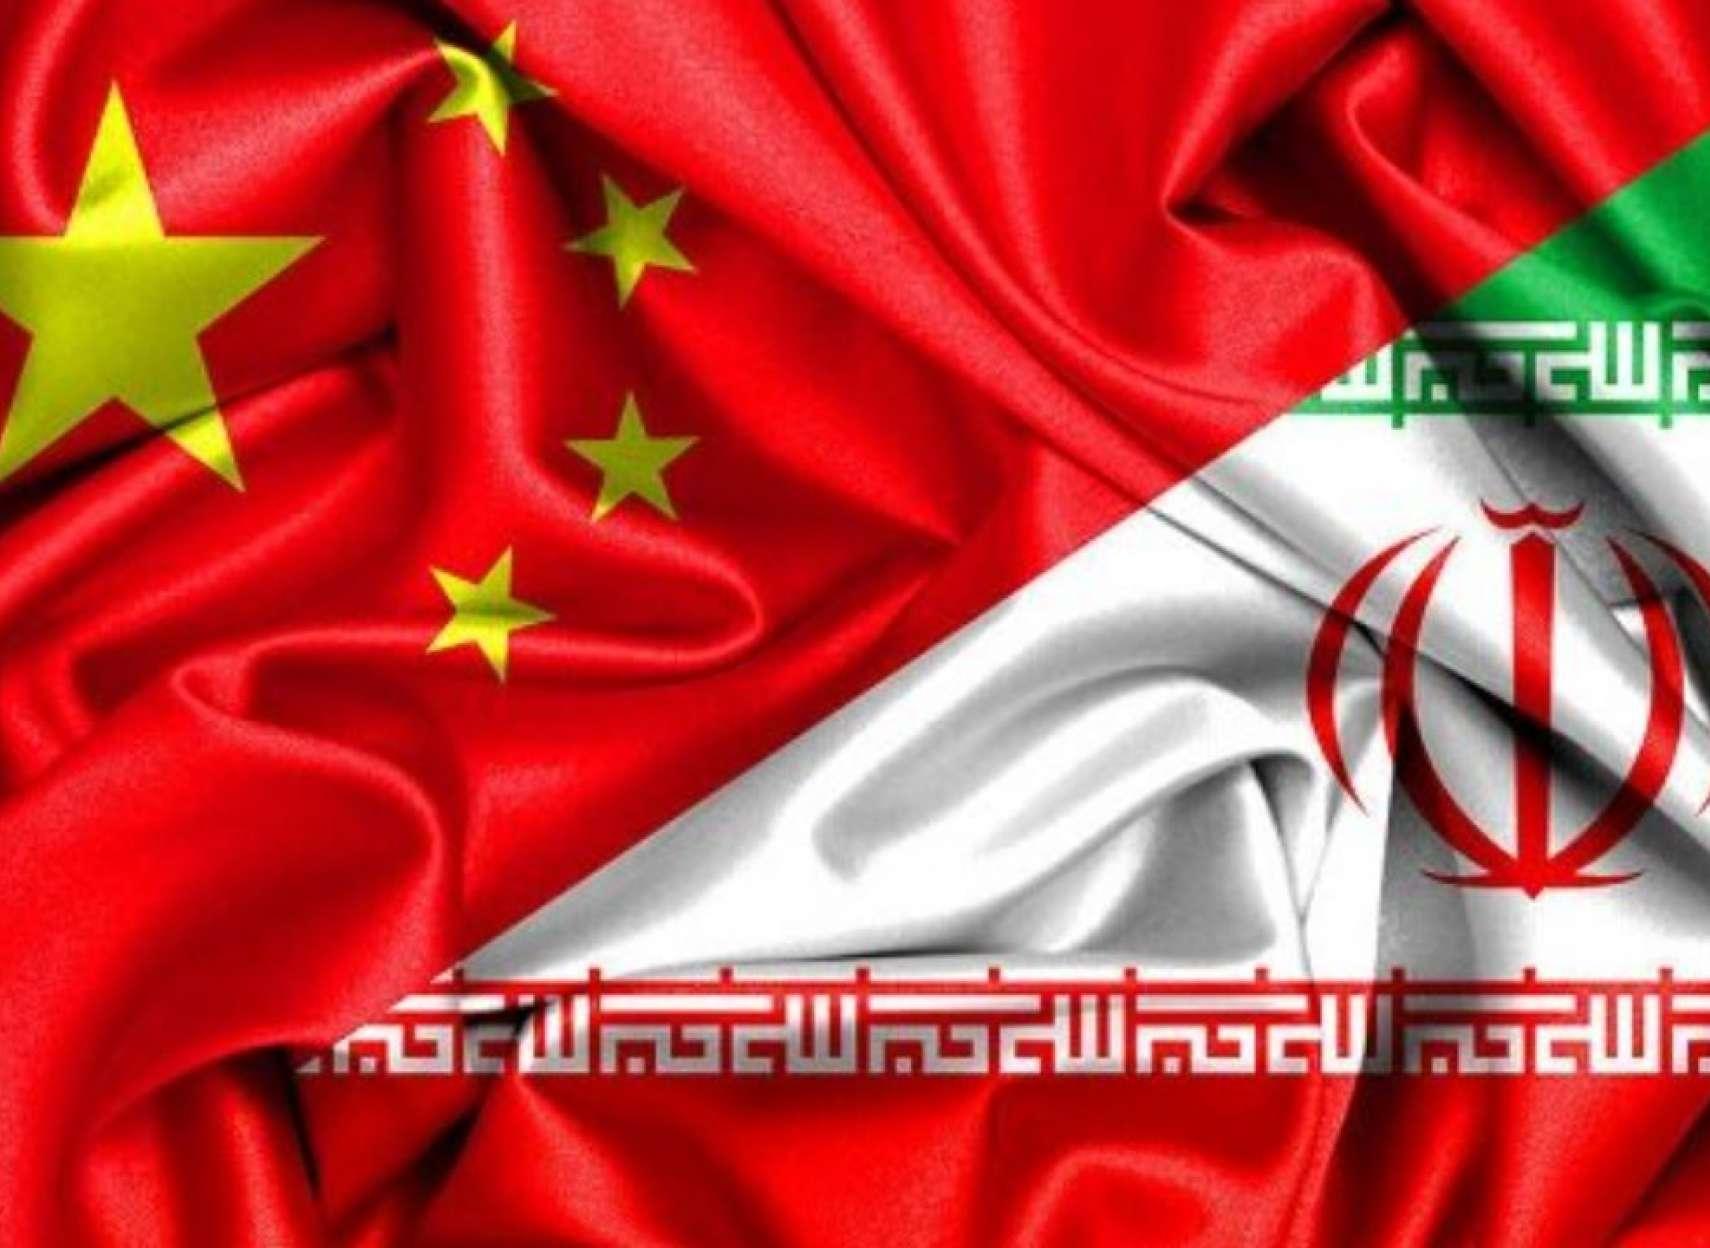 پشت-پرده-توافق- ۲۵-ساله-ایران-و-چین-چه-خبر-است-آیا-طرف-چینی-به-دنبال-کارت- بازی- جدید- است